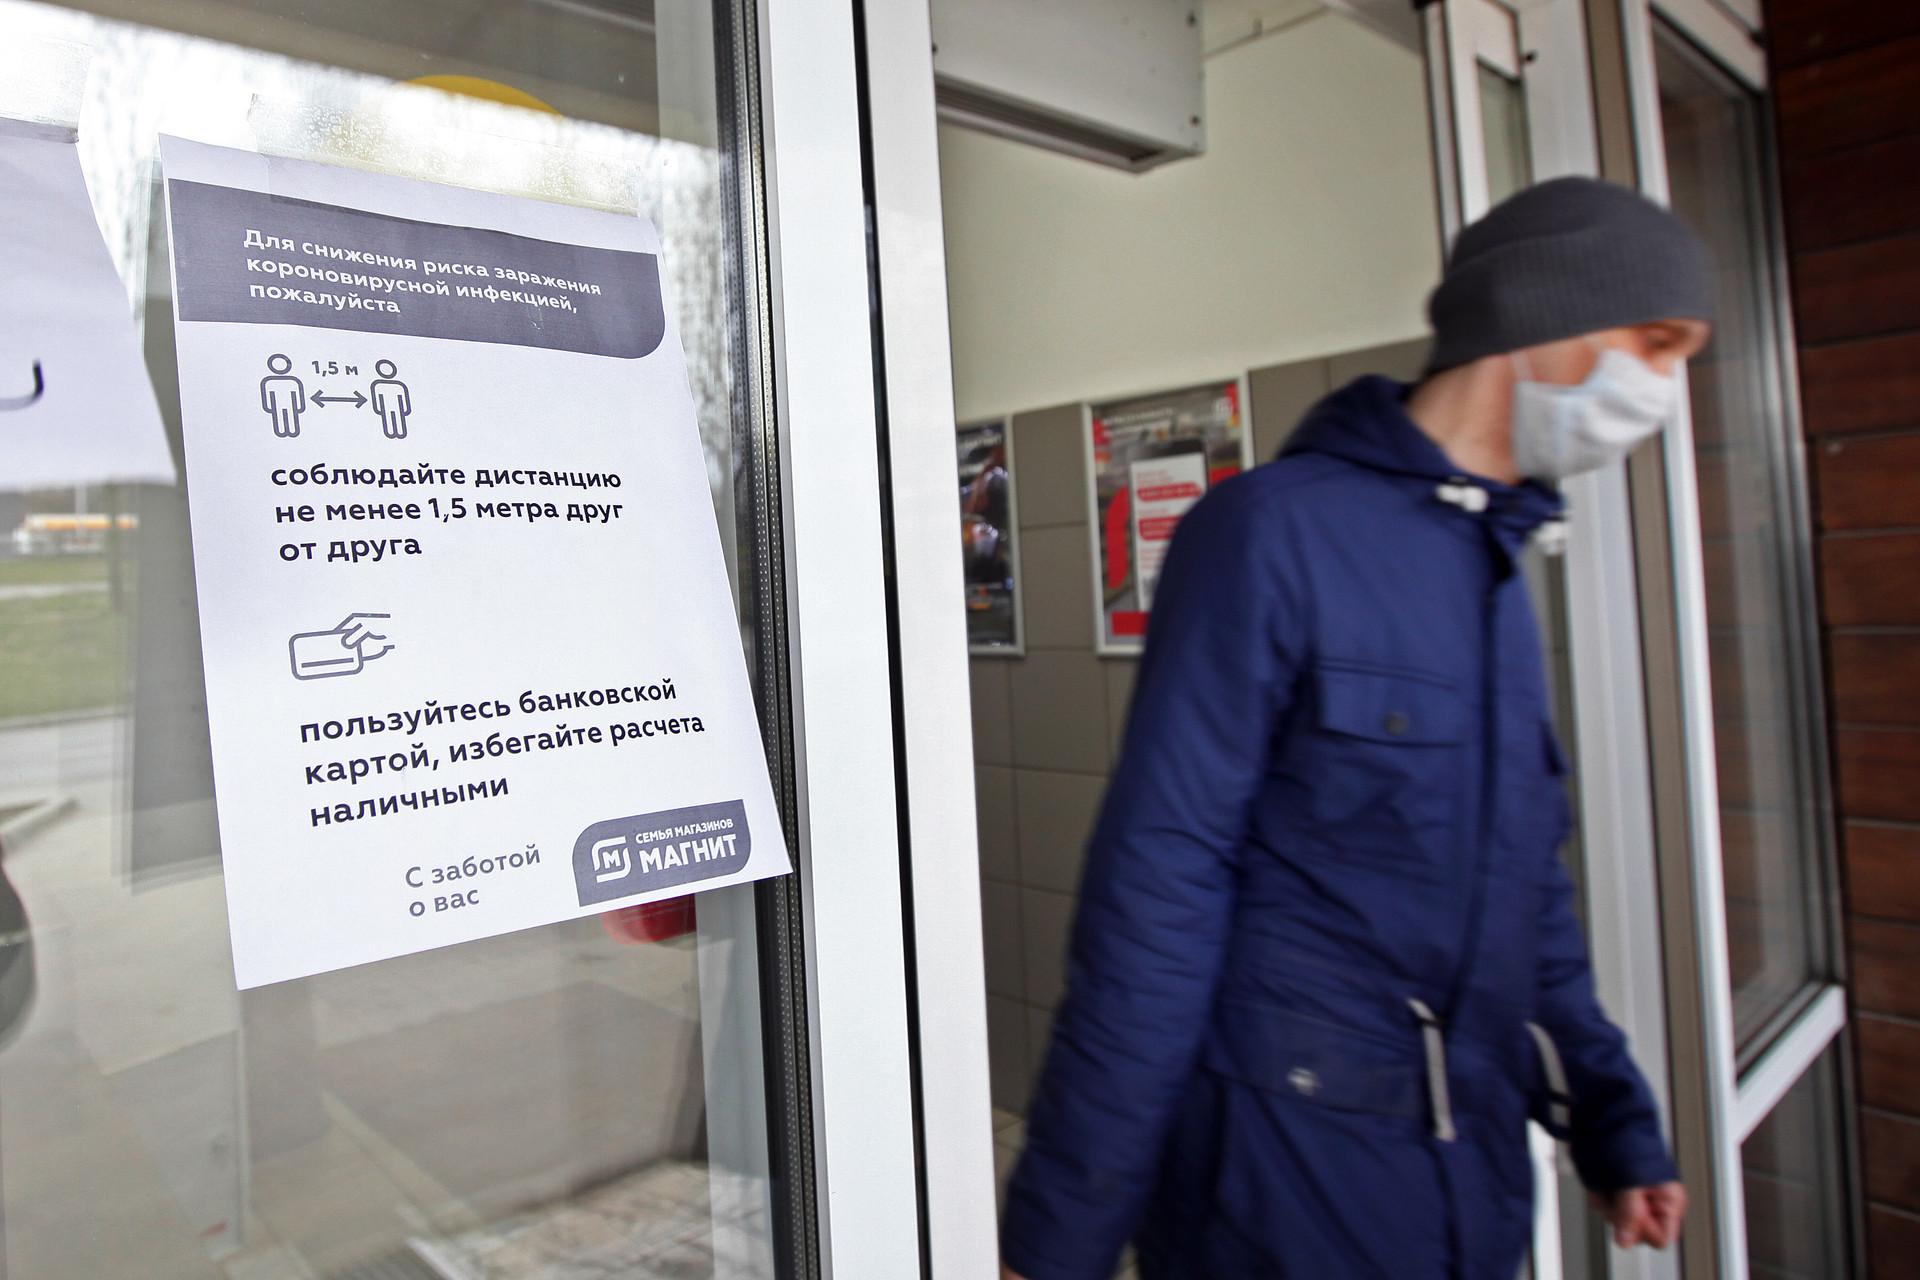 Pengumuman untuk menjaga jarak dan pembayaran menggunakan kartu ditempel di sebuah toko di Moskow, Senin (30/3)